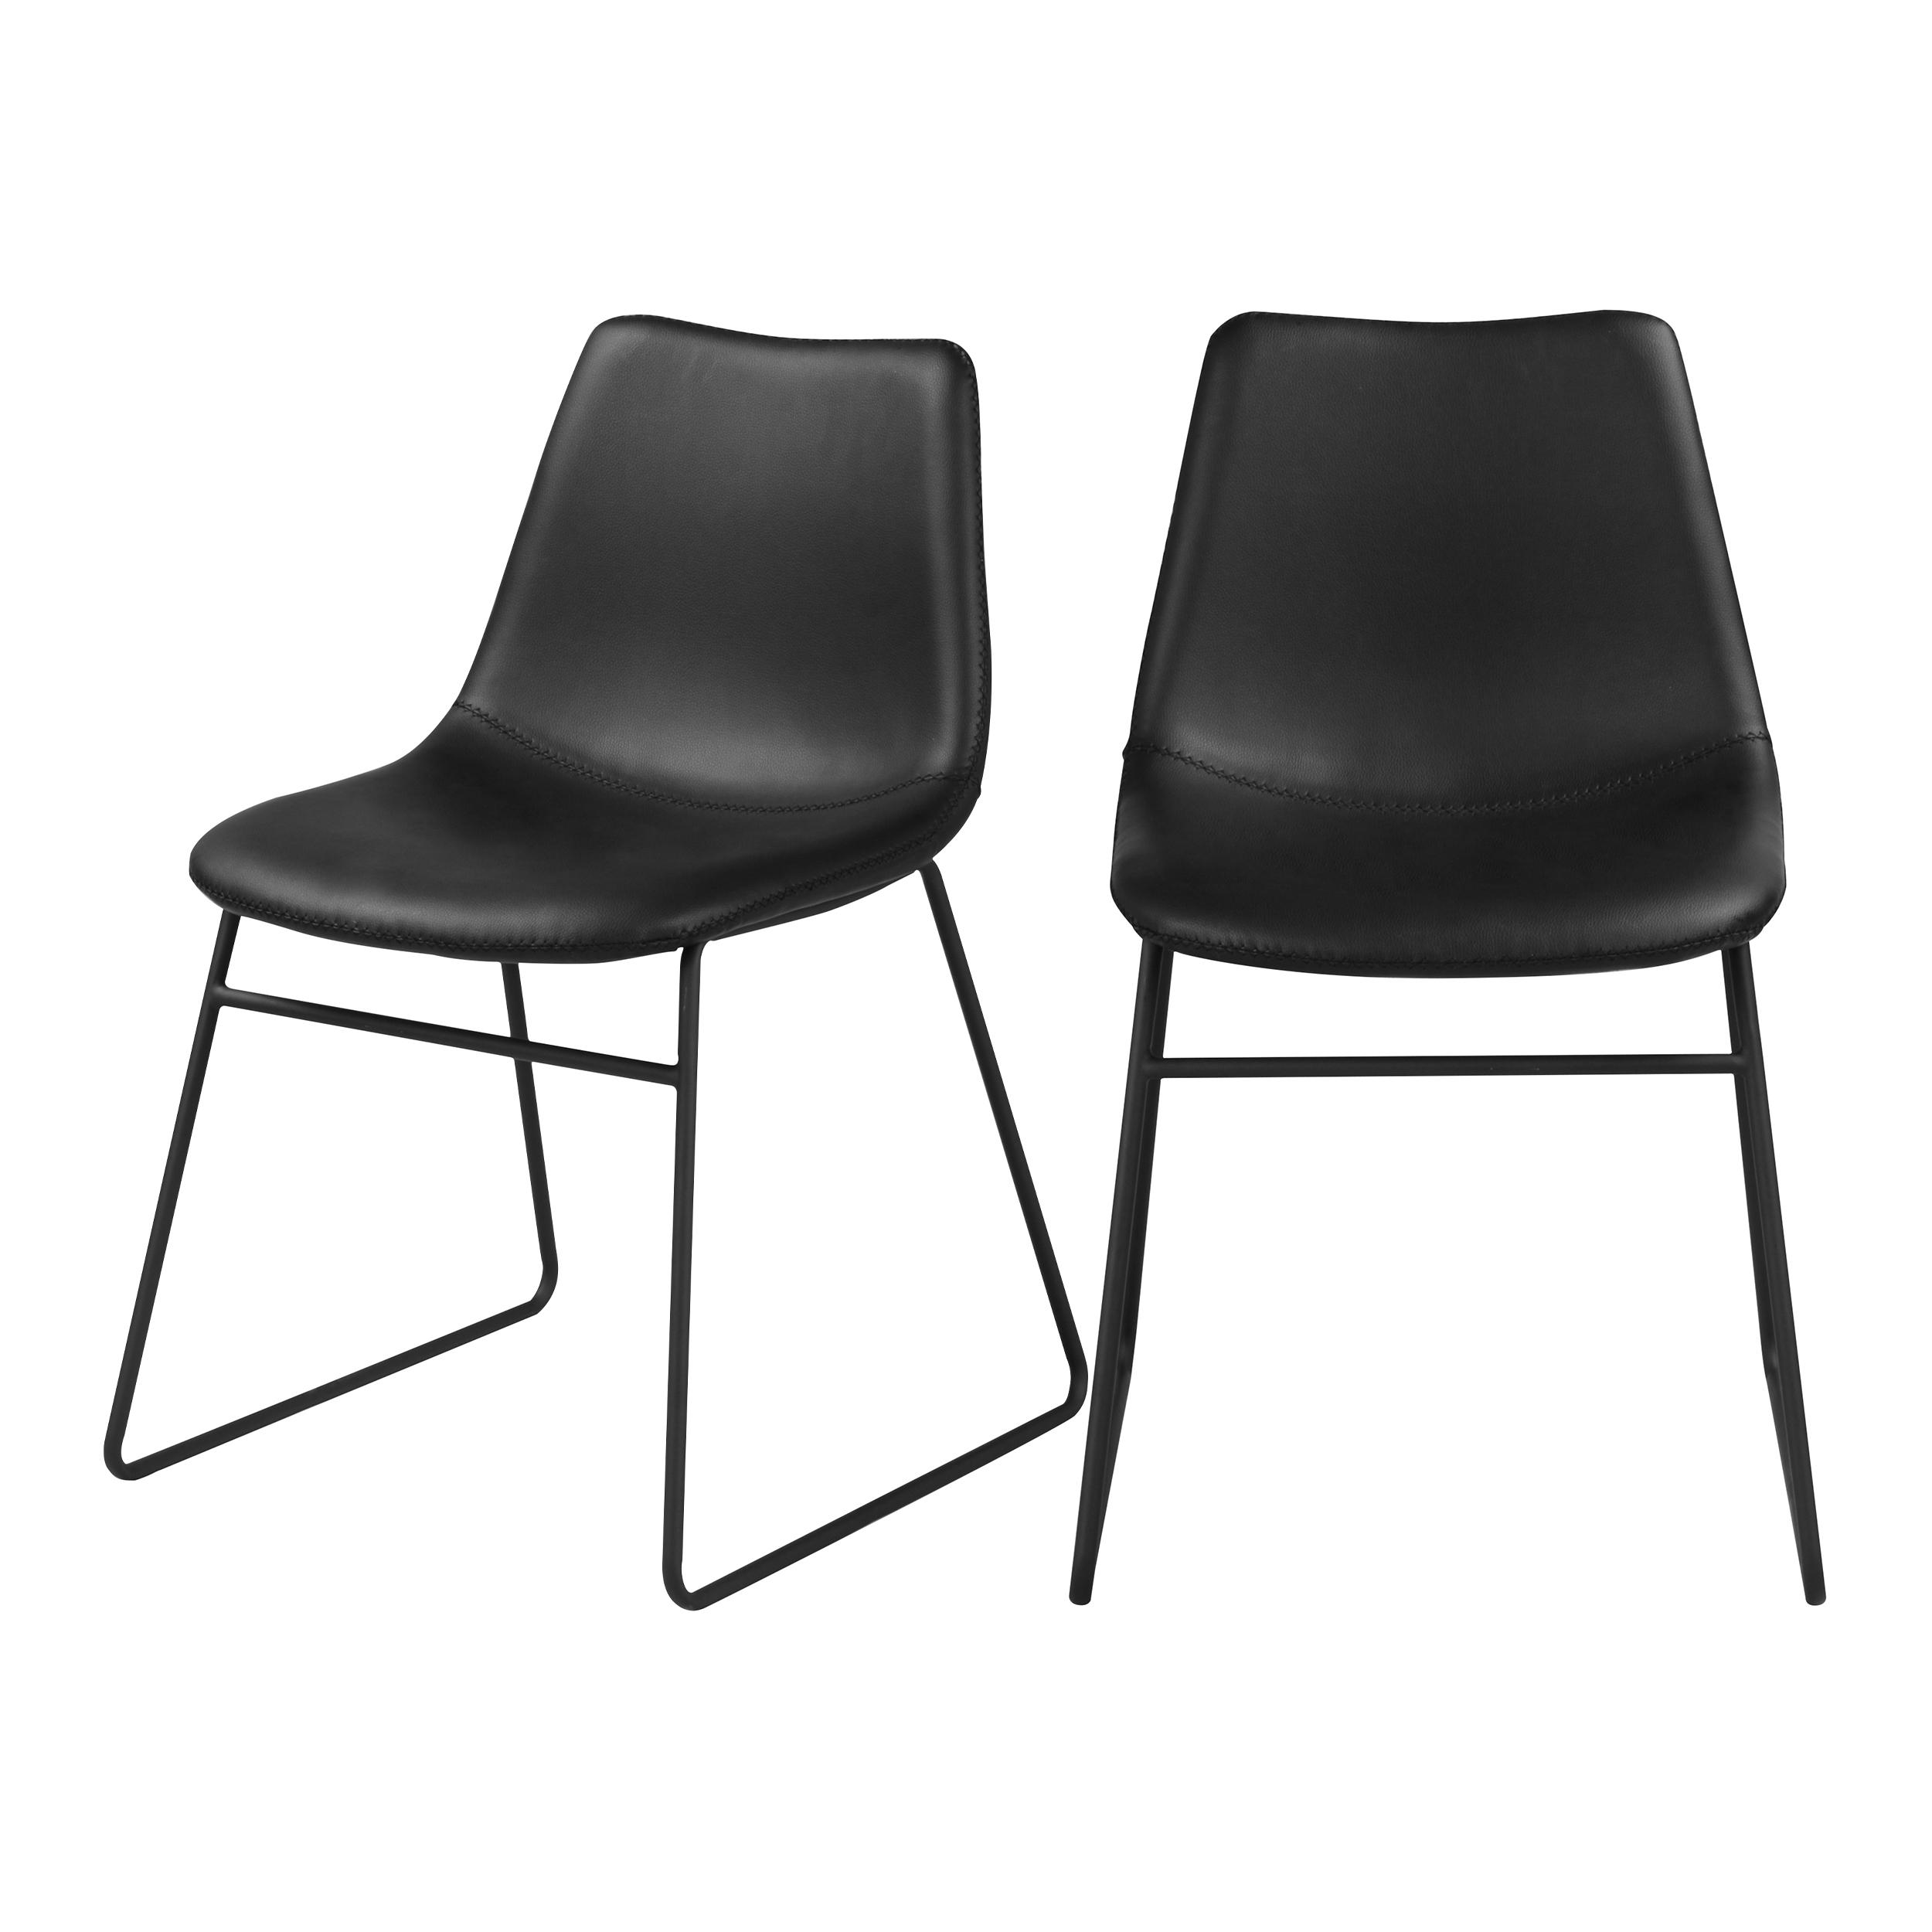 Chaise en cuir synthétique noir (lot de 2)